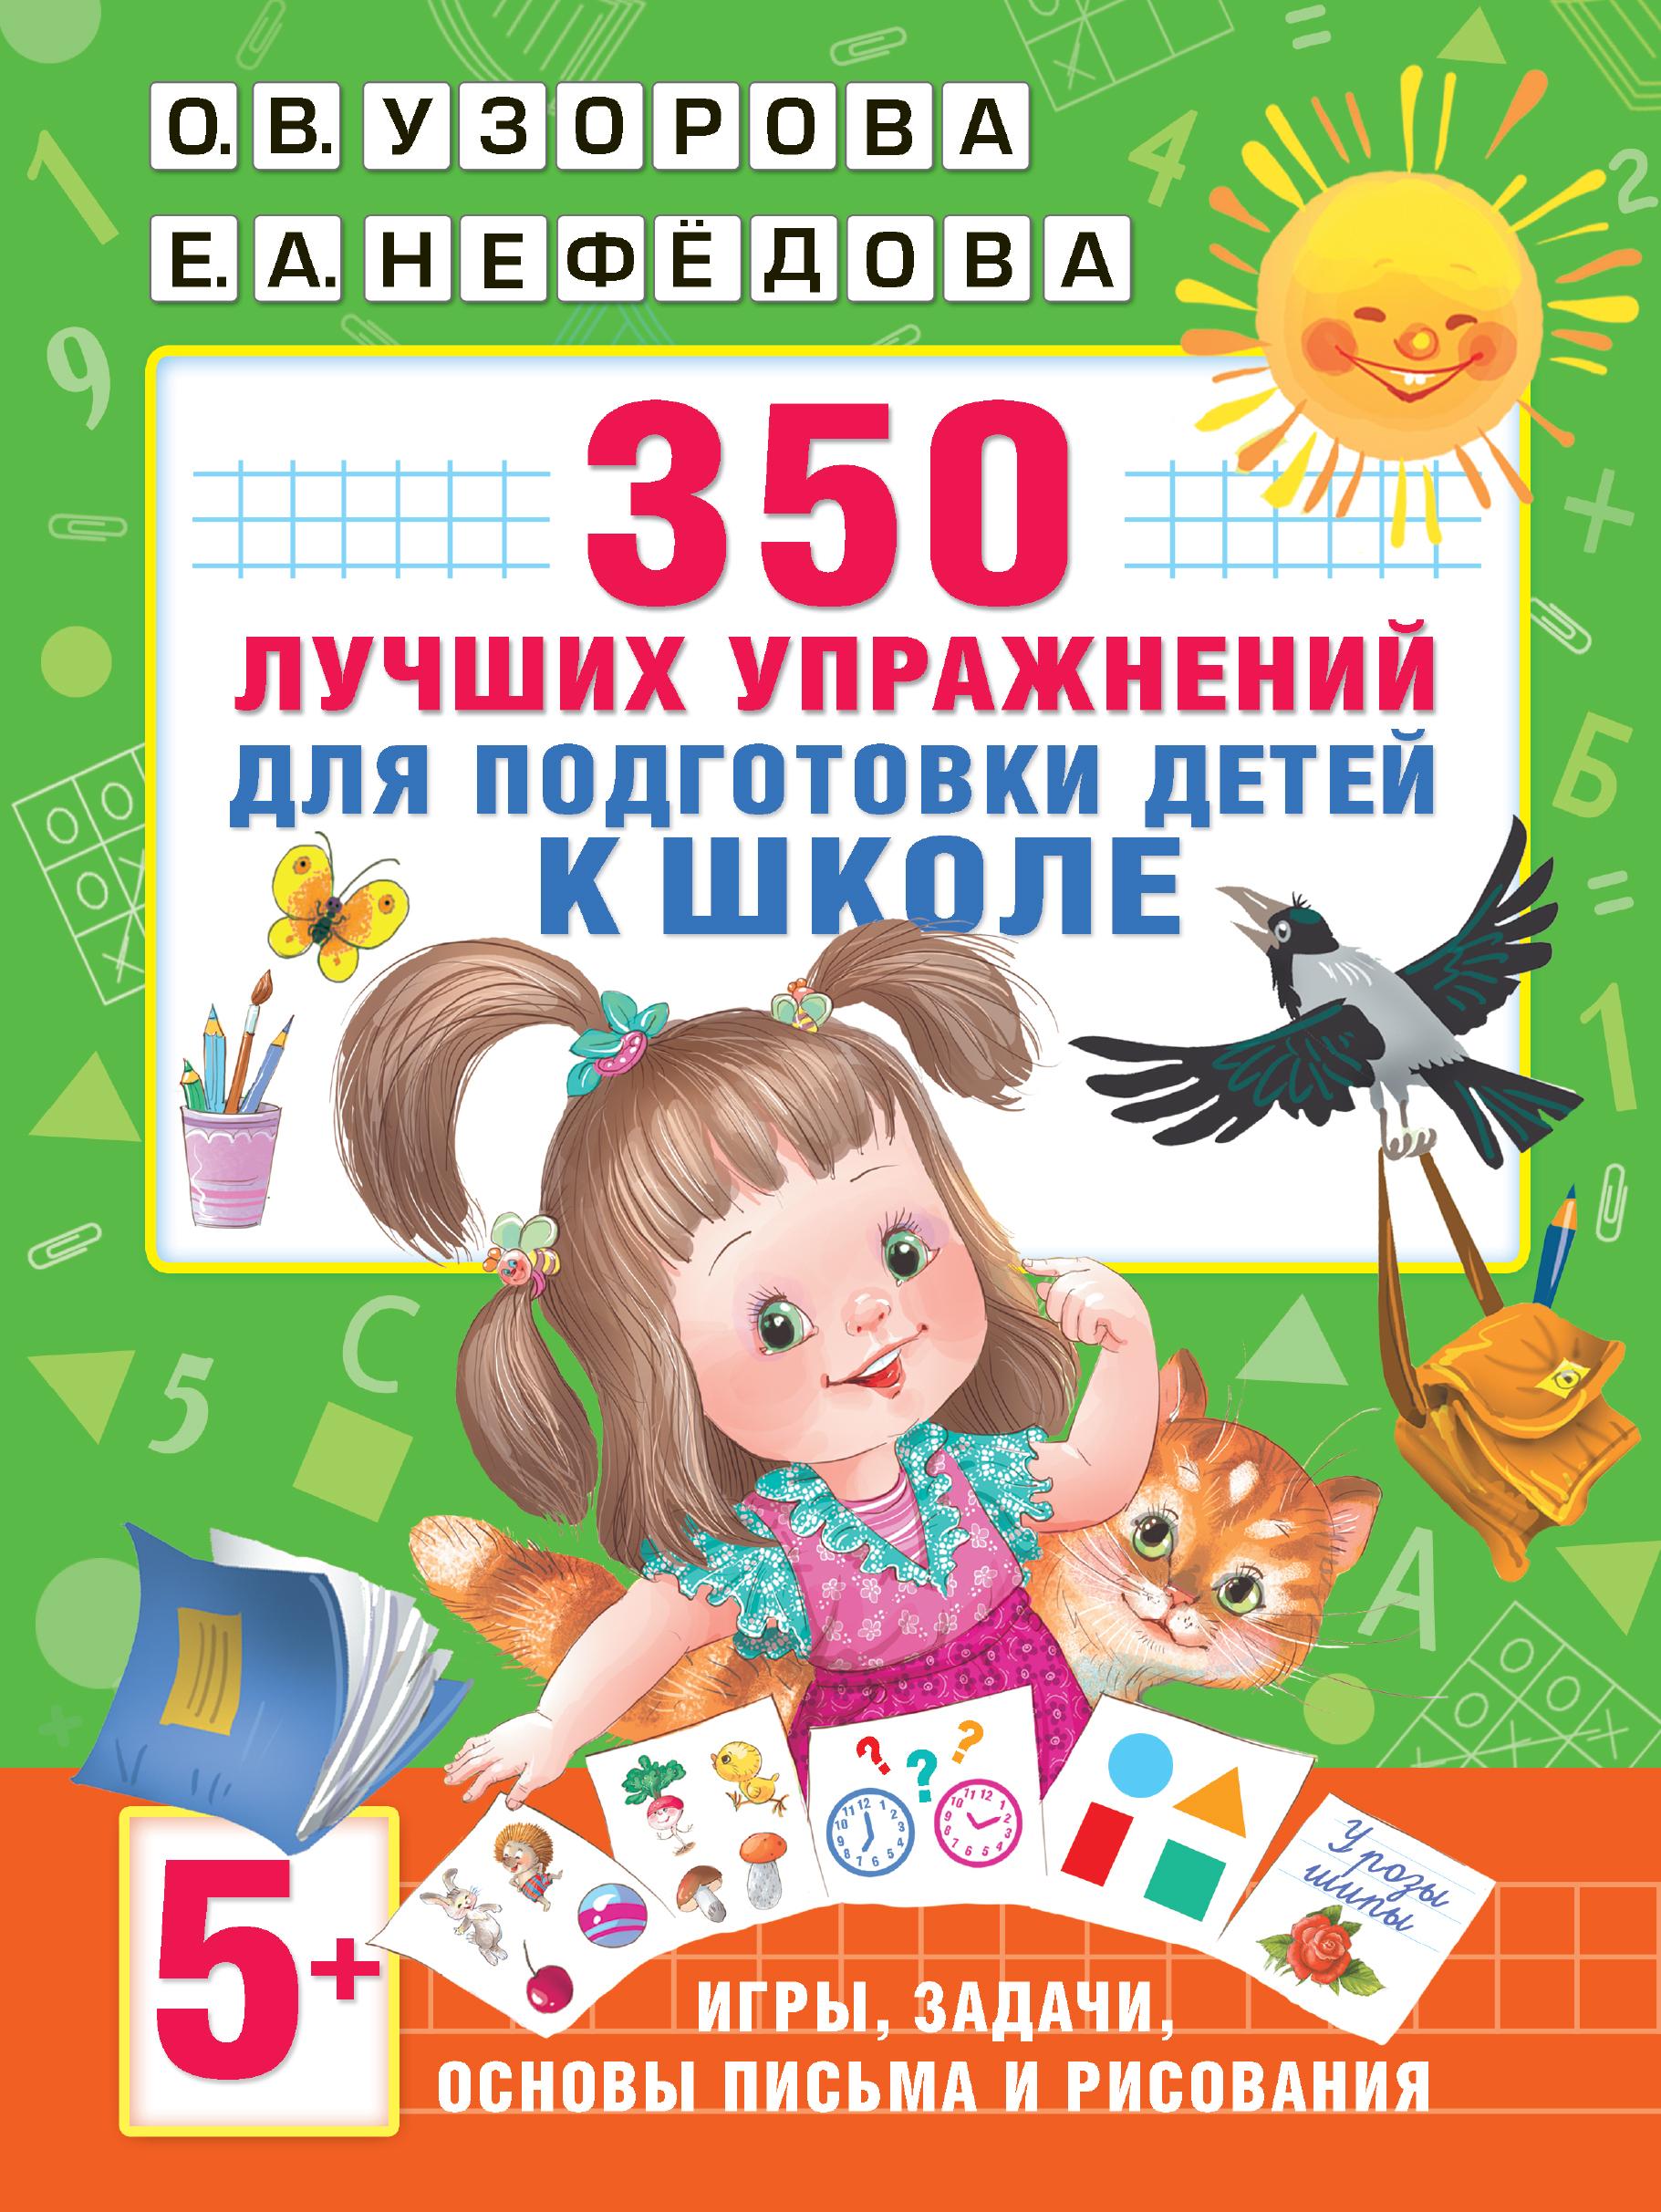 все цены на О. В. Узорова, Е. А. Нефедова 350 лучших упражнений для подготовки к школе онлайн